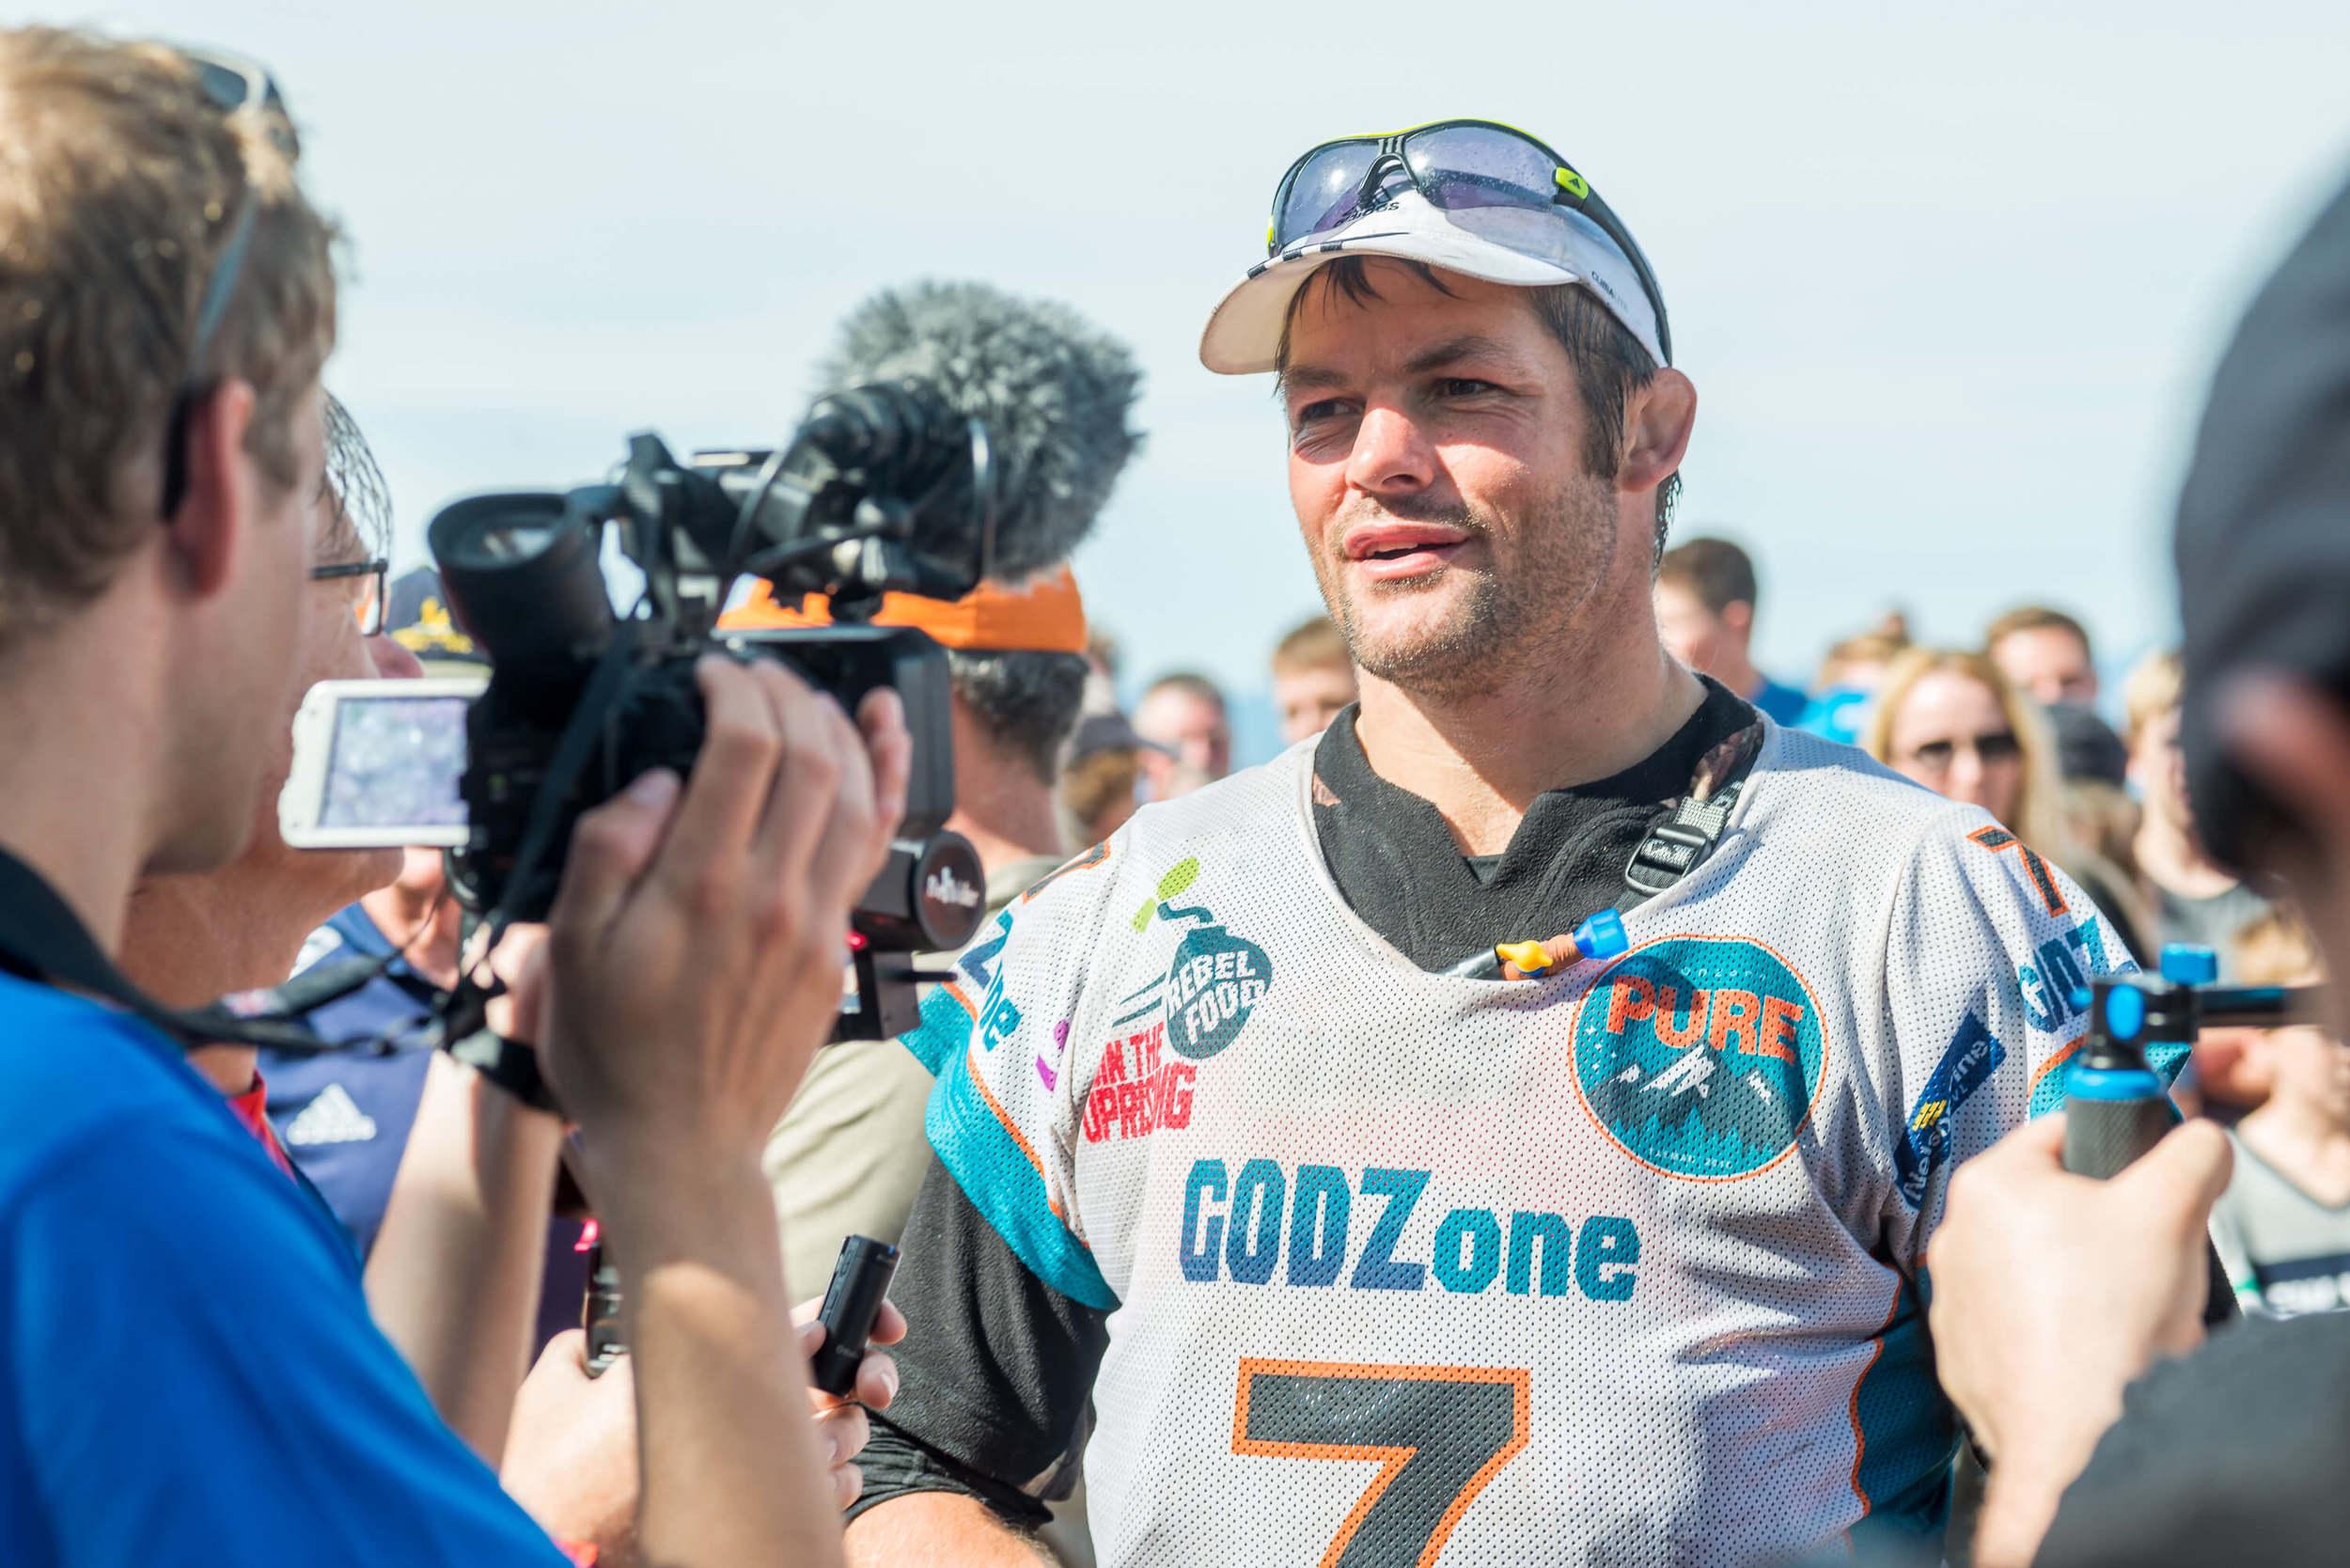 Richie McCaw at Godzone